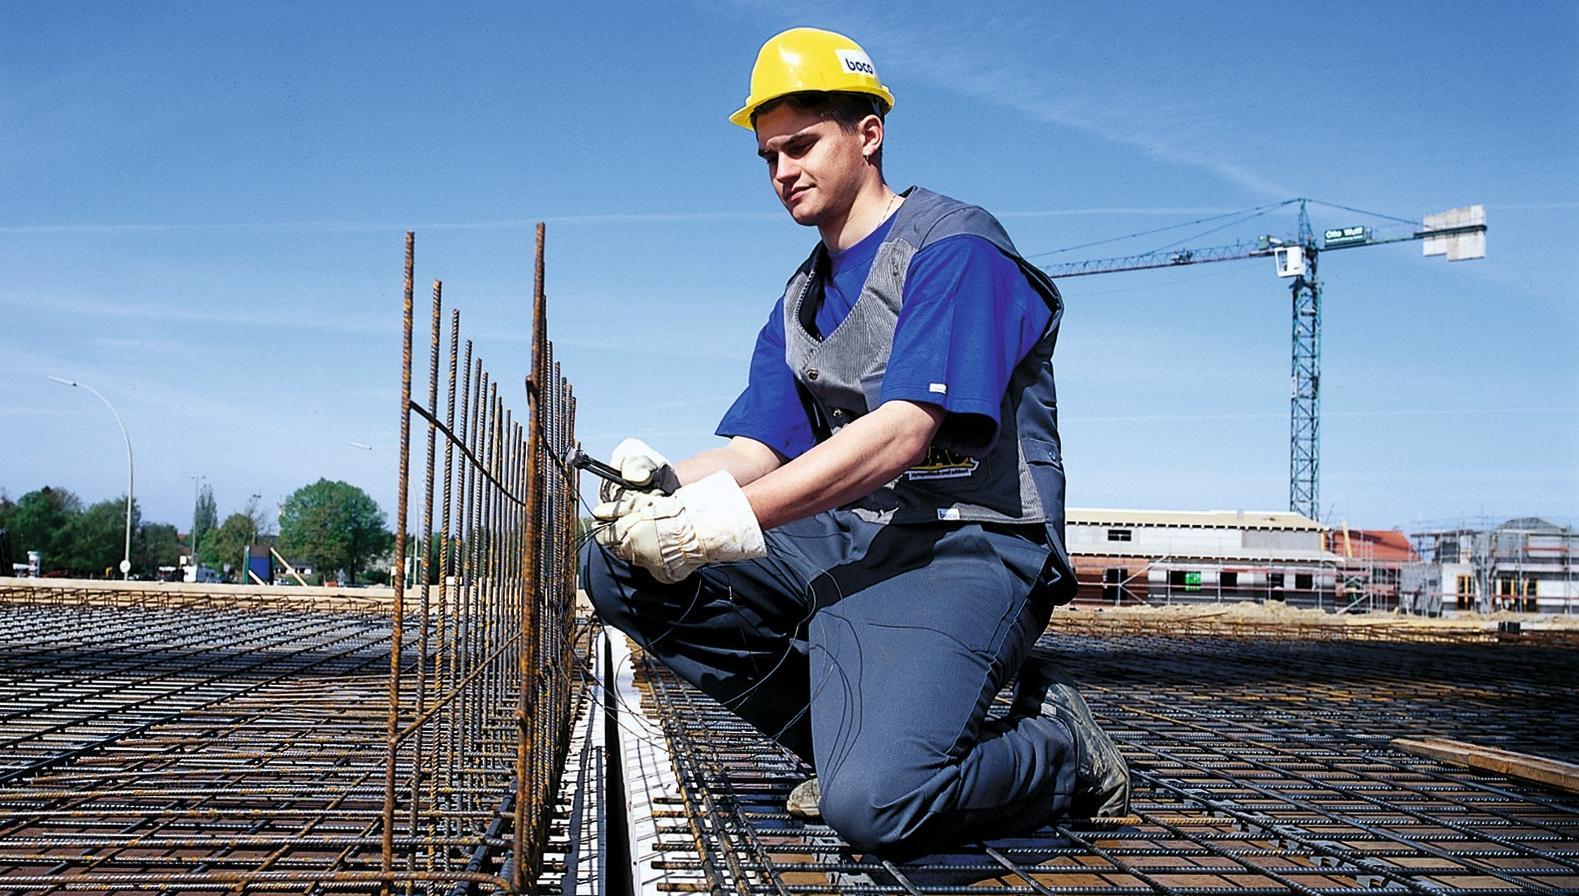 Bauberufe sind für junge Leute zunehmend attraktiv.